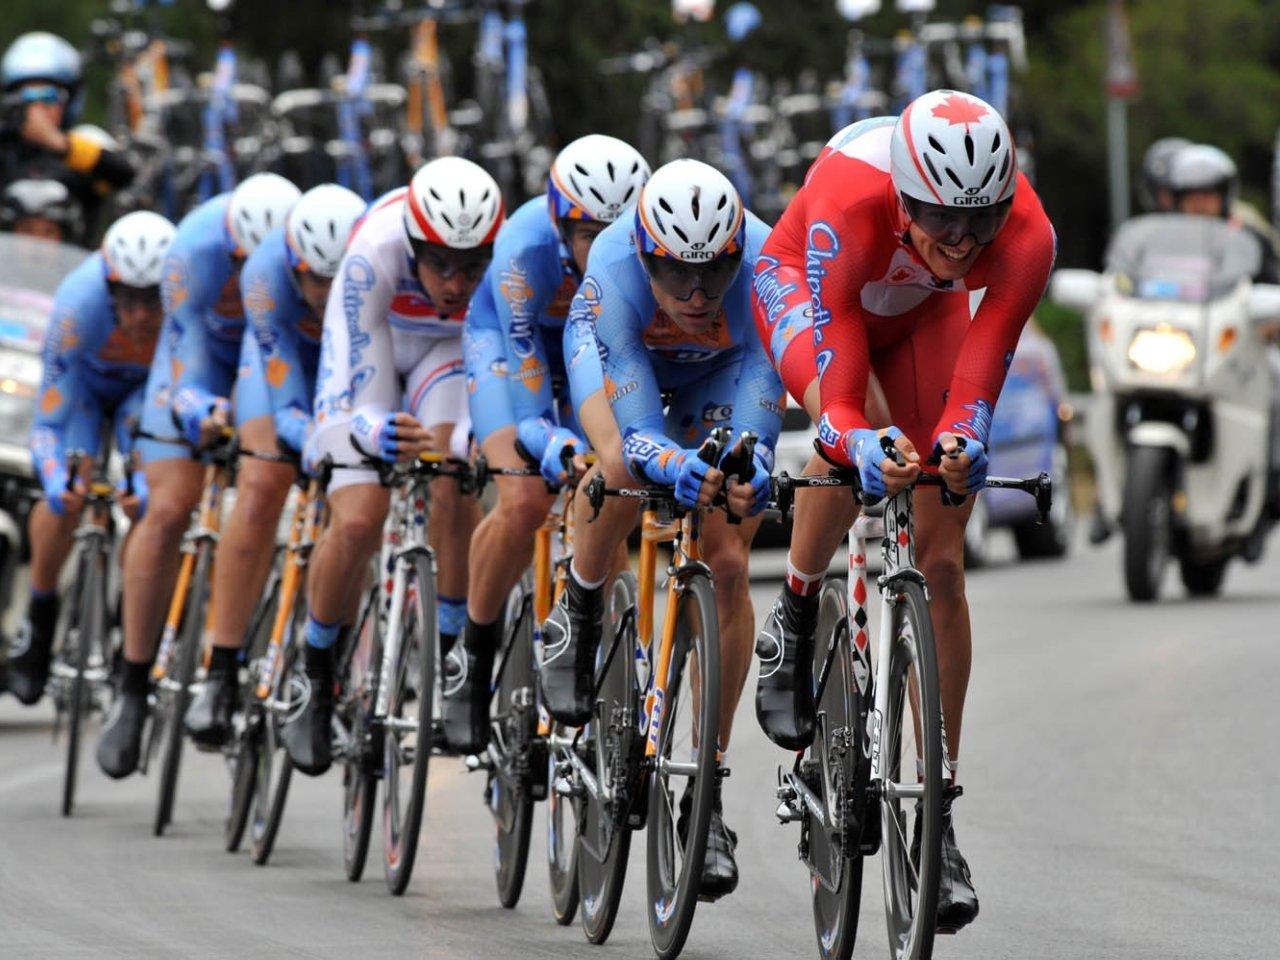 La pr ctica del ciclismo en la direcci n de proyectos o for Equipos de ciclismo